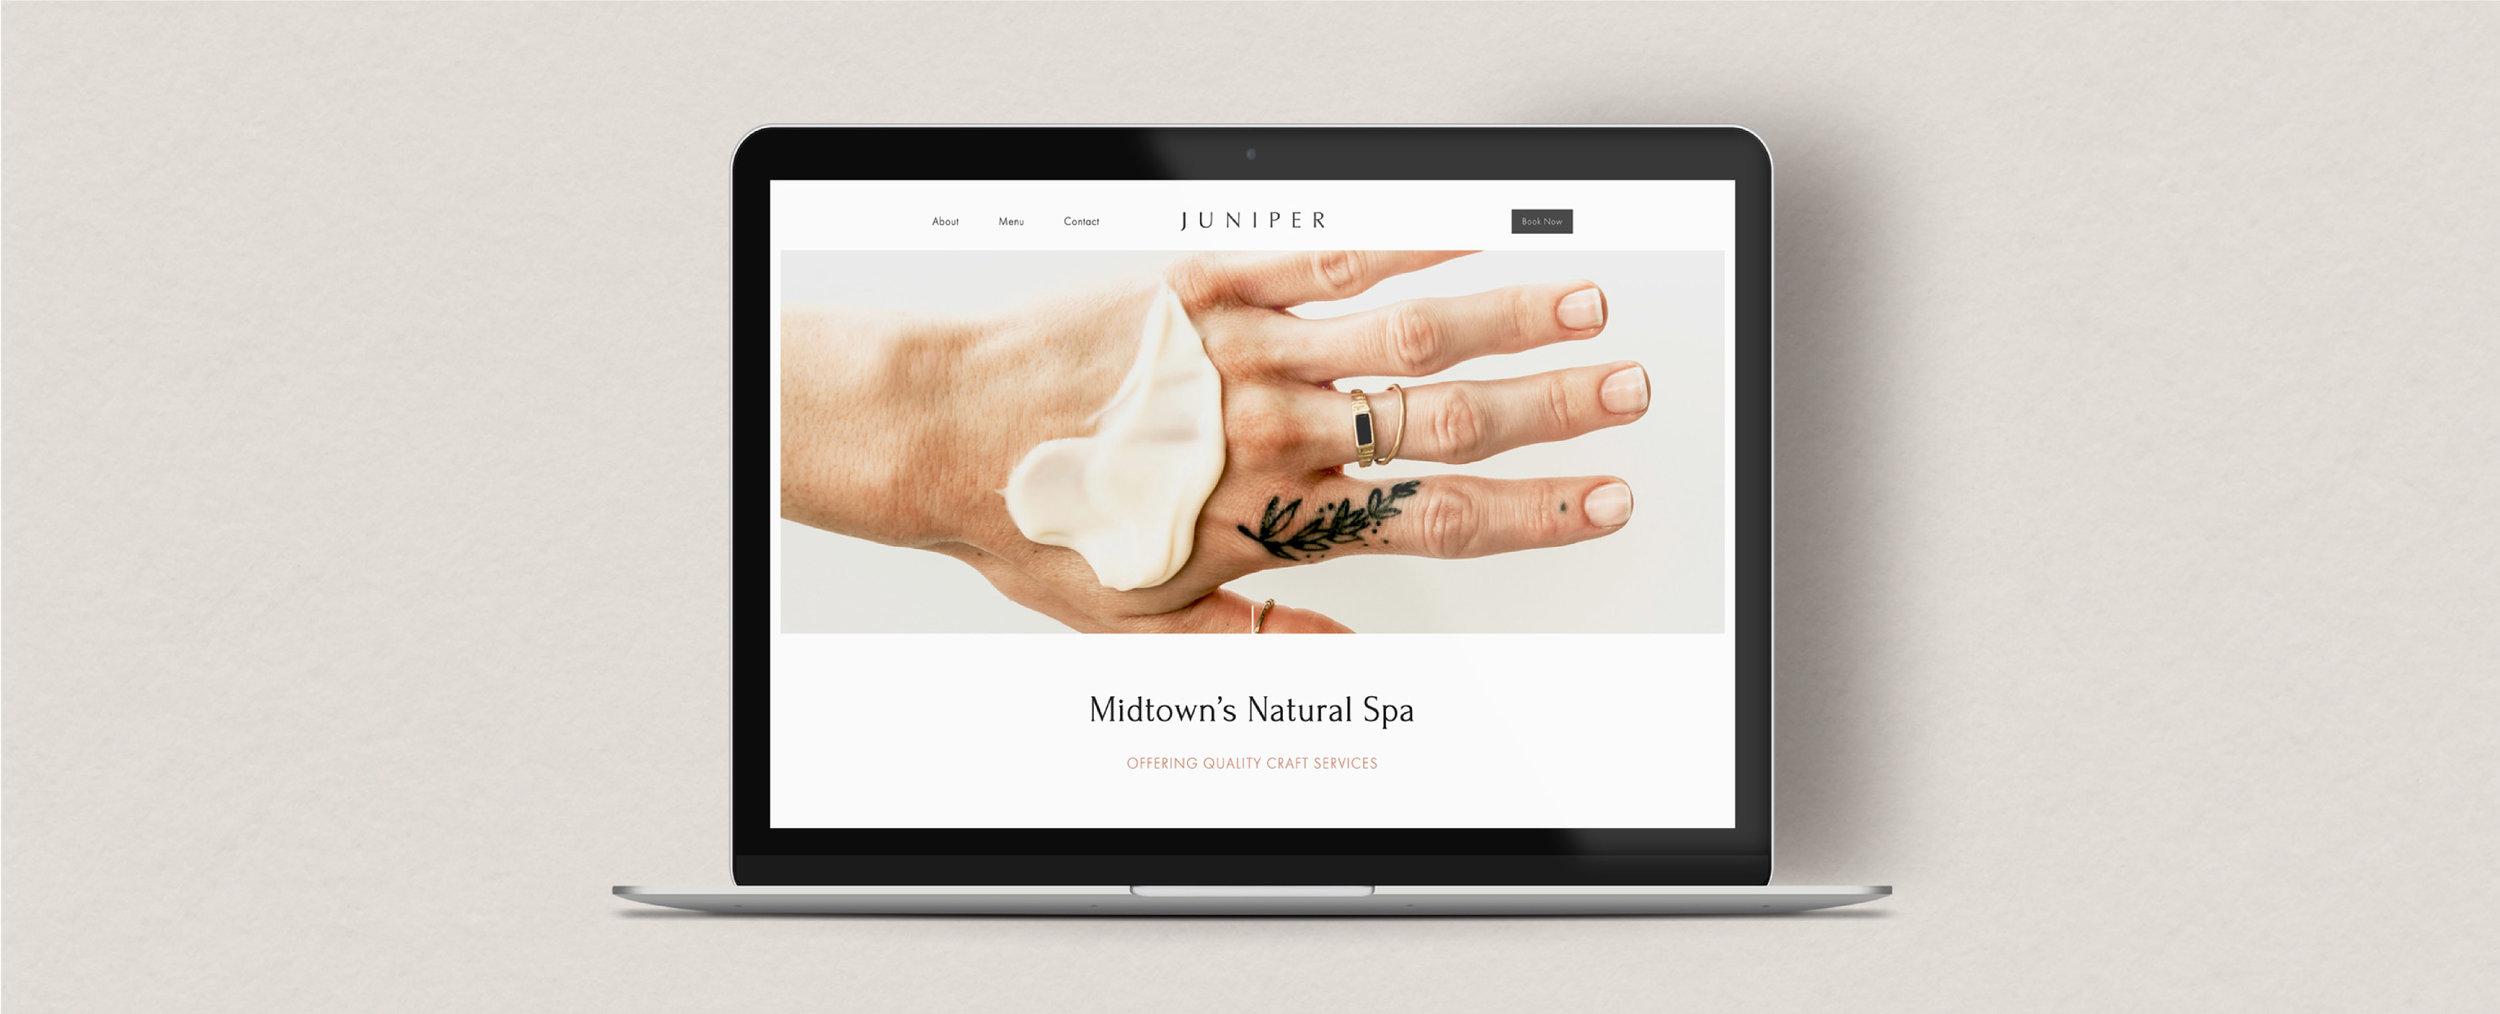 Custom Squarespace Website Design for Holistic Spa - Custom Squarespace Website Designer.jpg